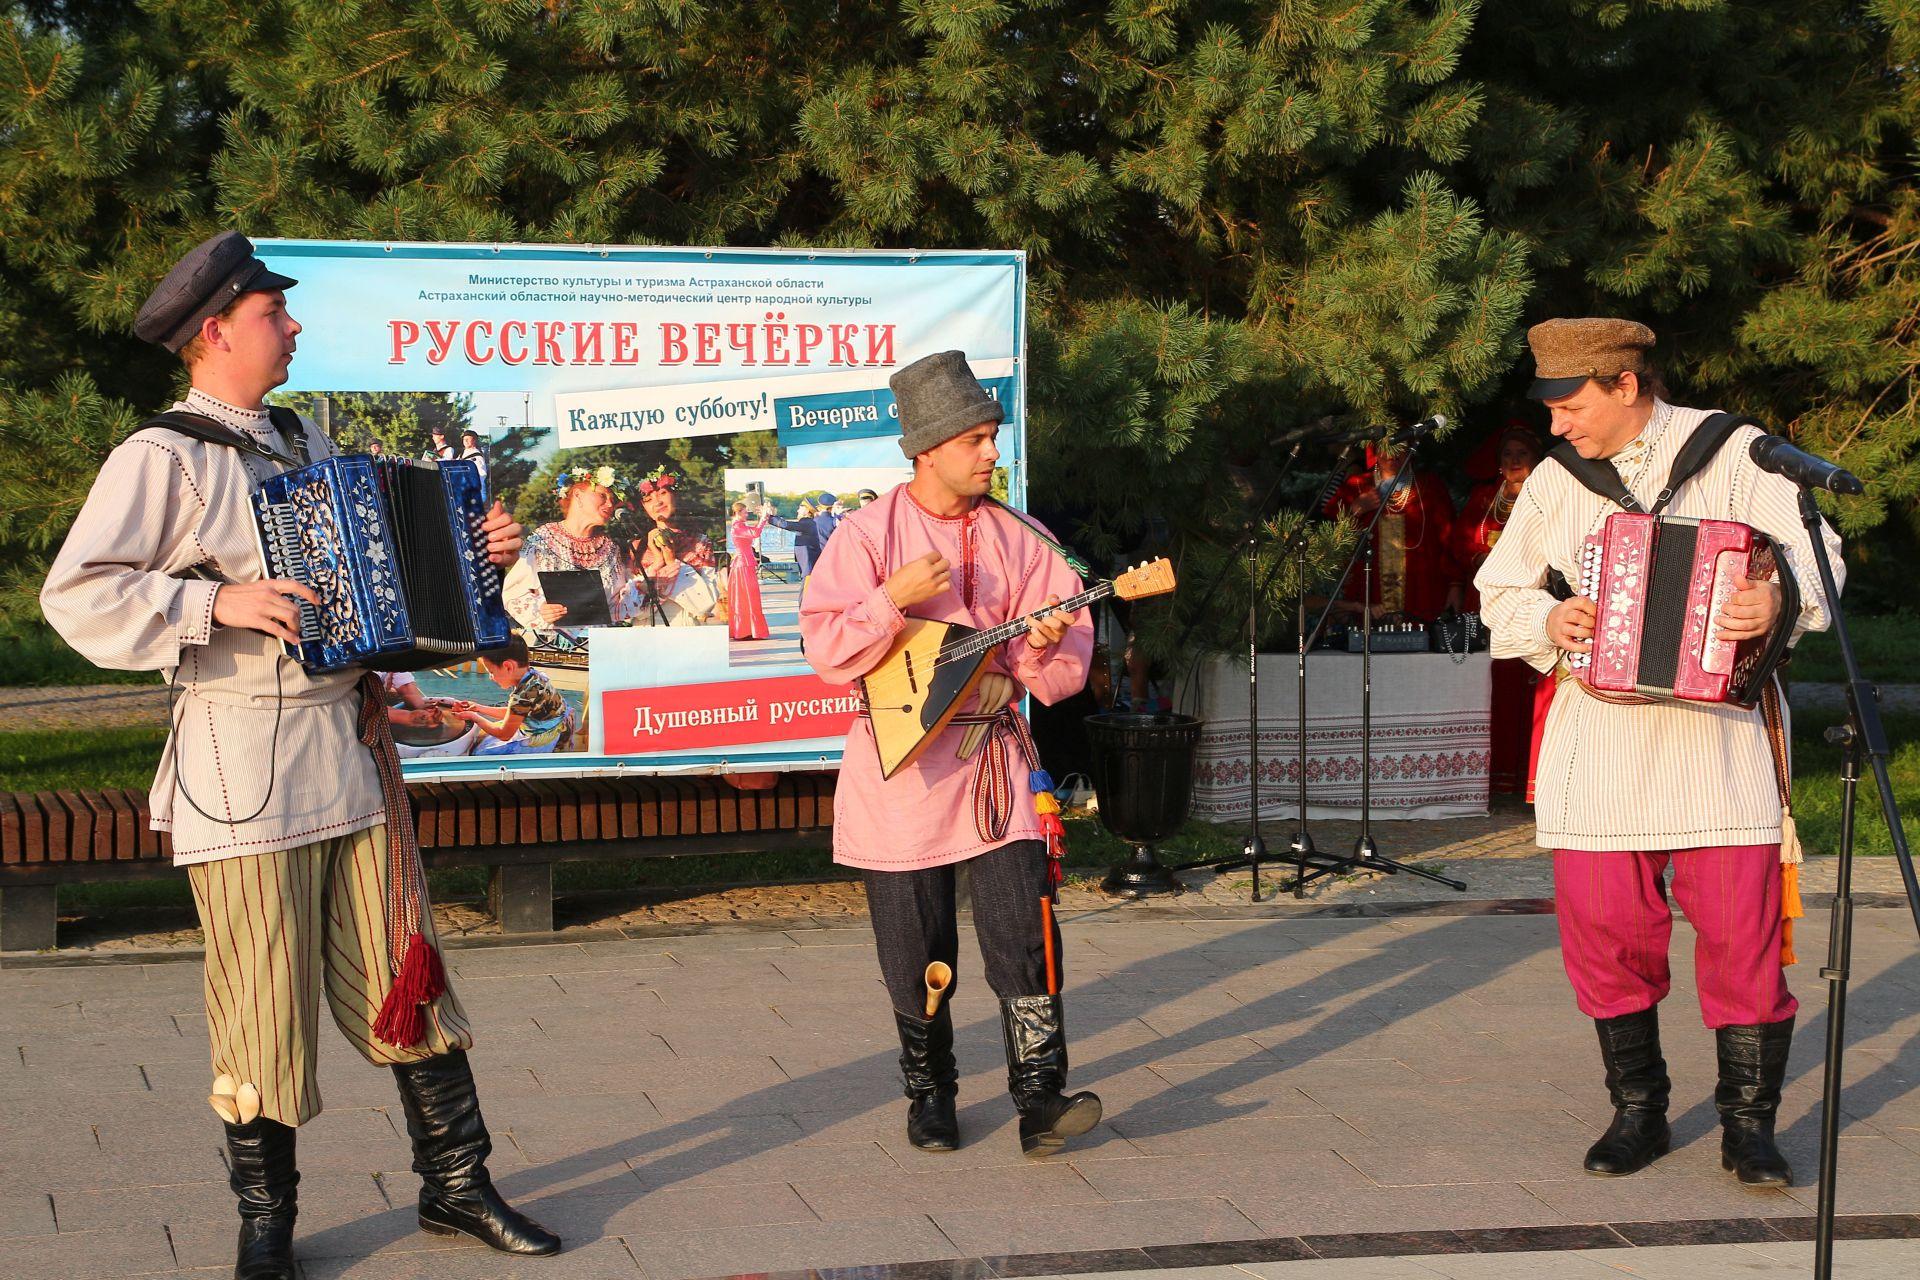 <strong>В Астрахани прошли Русские вечерки, посвященные празднованию спасов</strong>